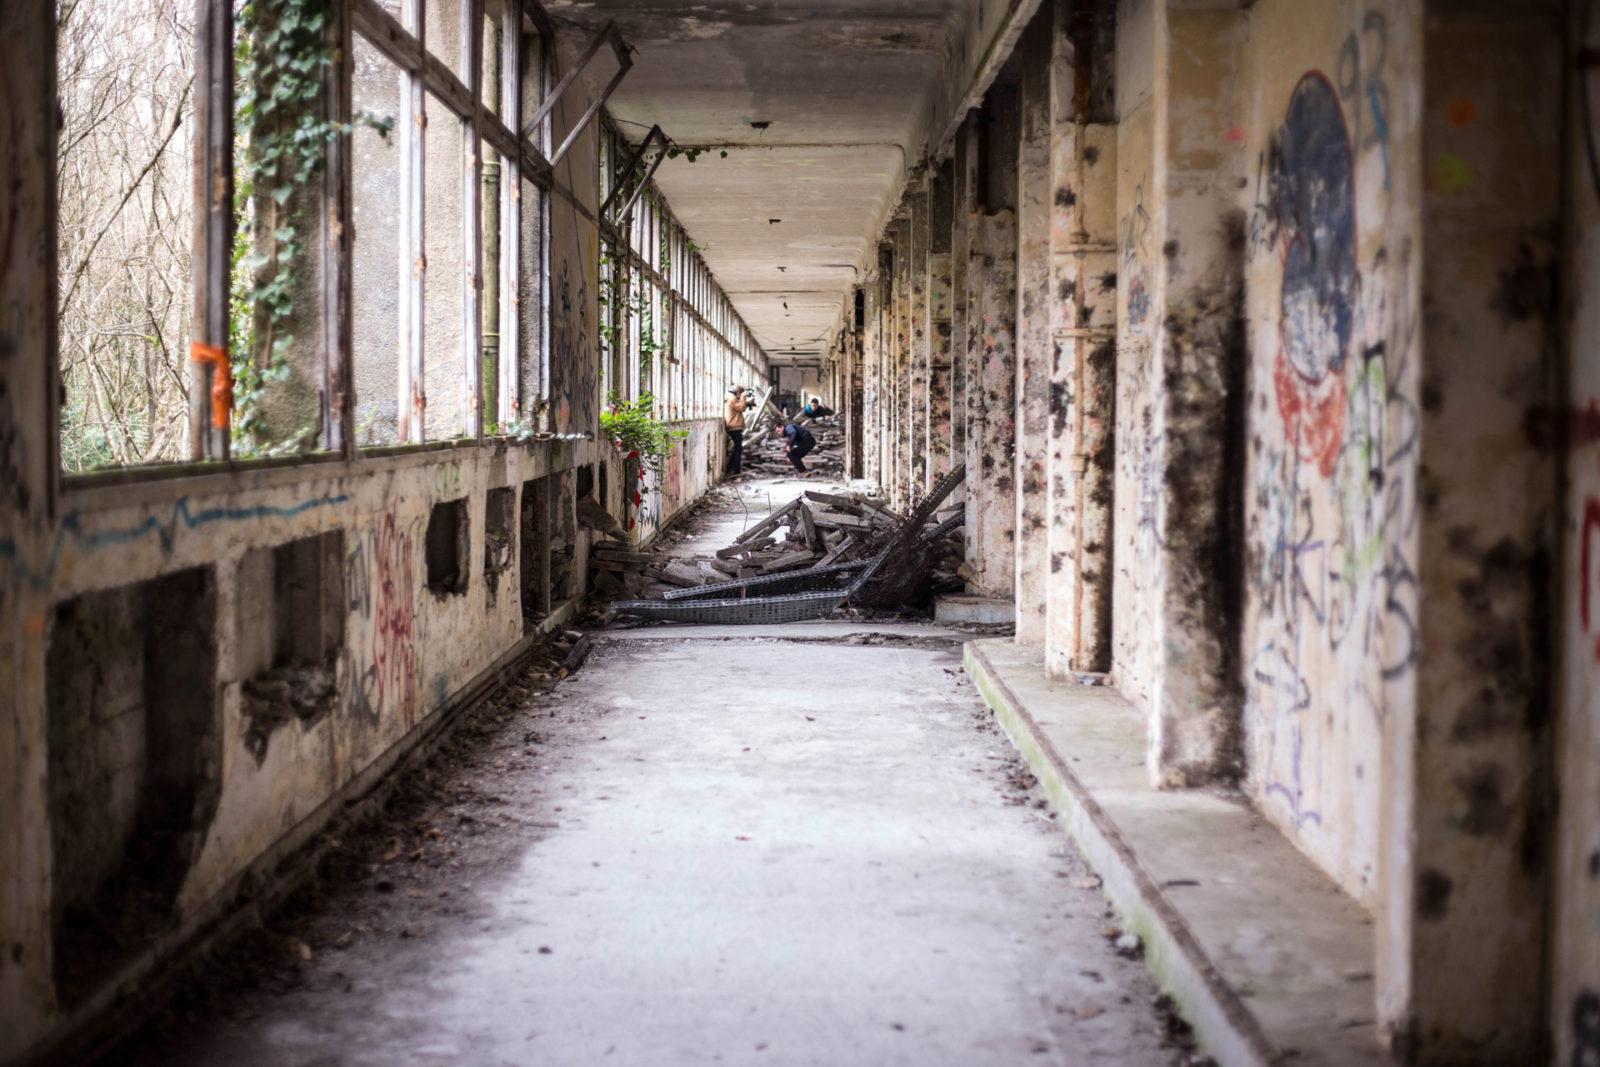 IMG5545 - Urbex x Parkour : visite acrobatique d'un sanatorium abandonné